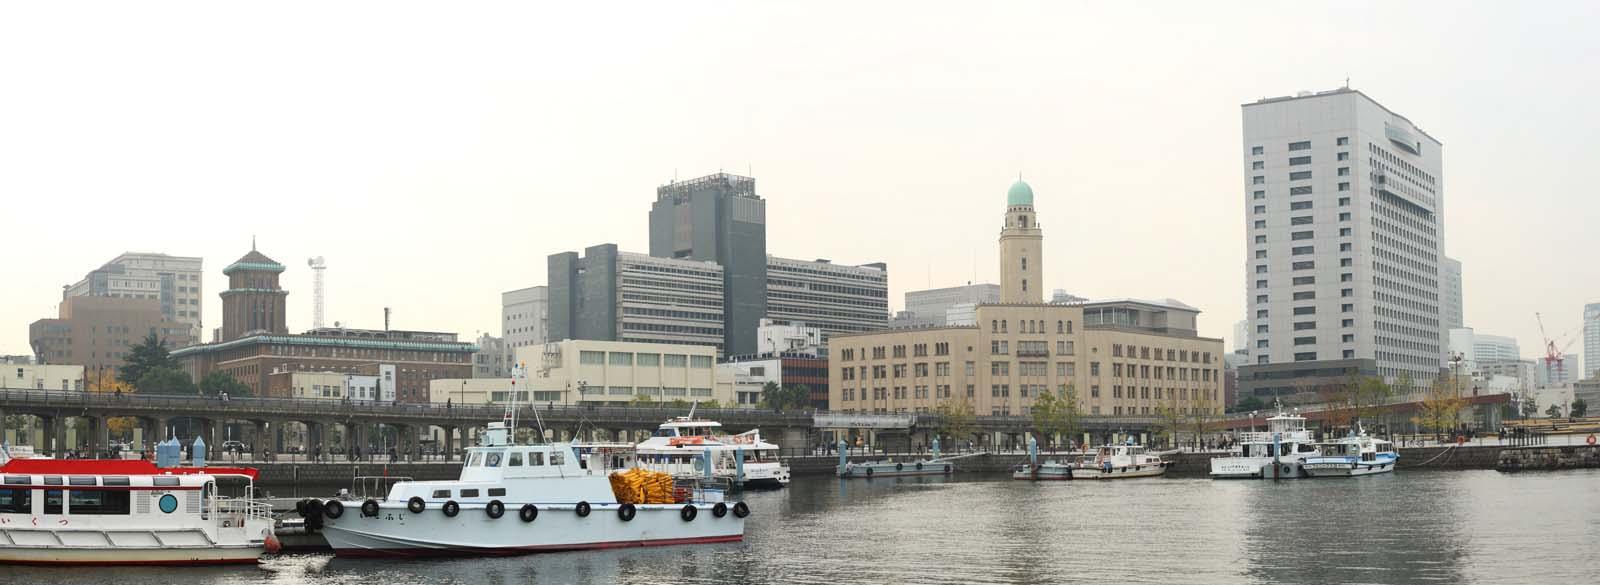 photo, la mati�re, libre, am�nage, d�crivez, photo de la r�serve,Port de Yokohama, Maison de coutumes Yokohama, Le bureau de prefectural Kanagawa, bateau, construire